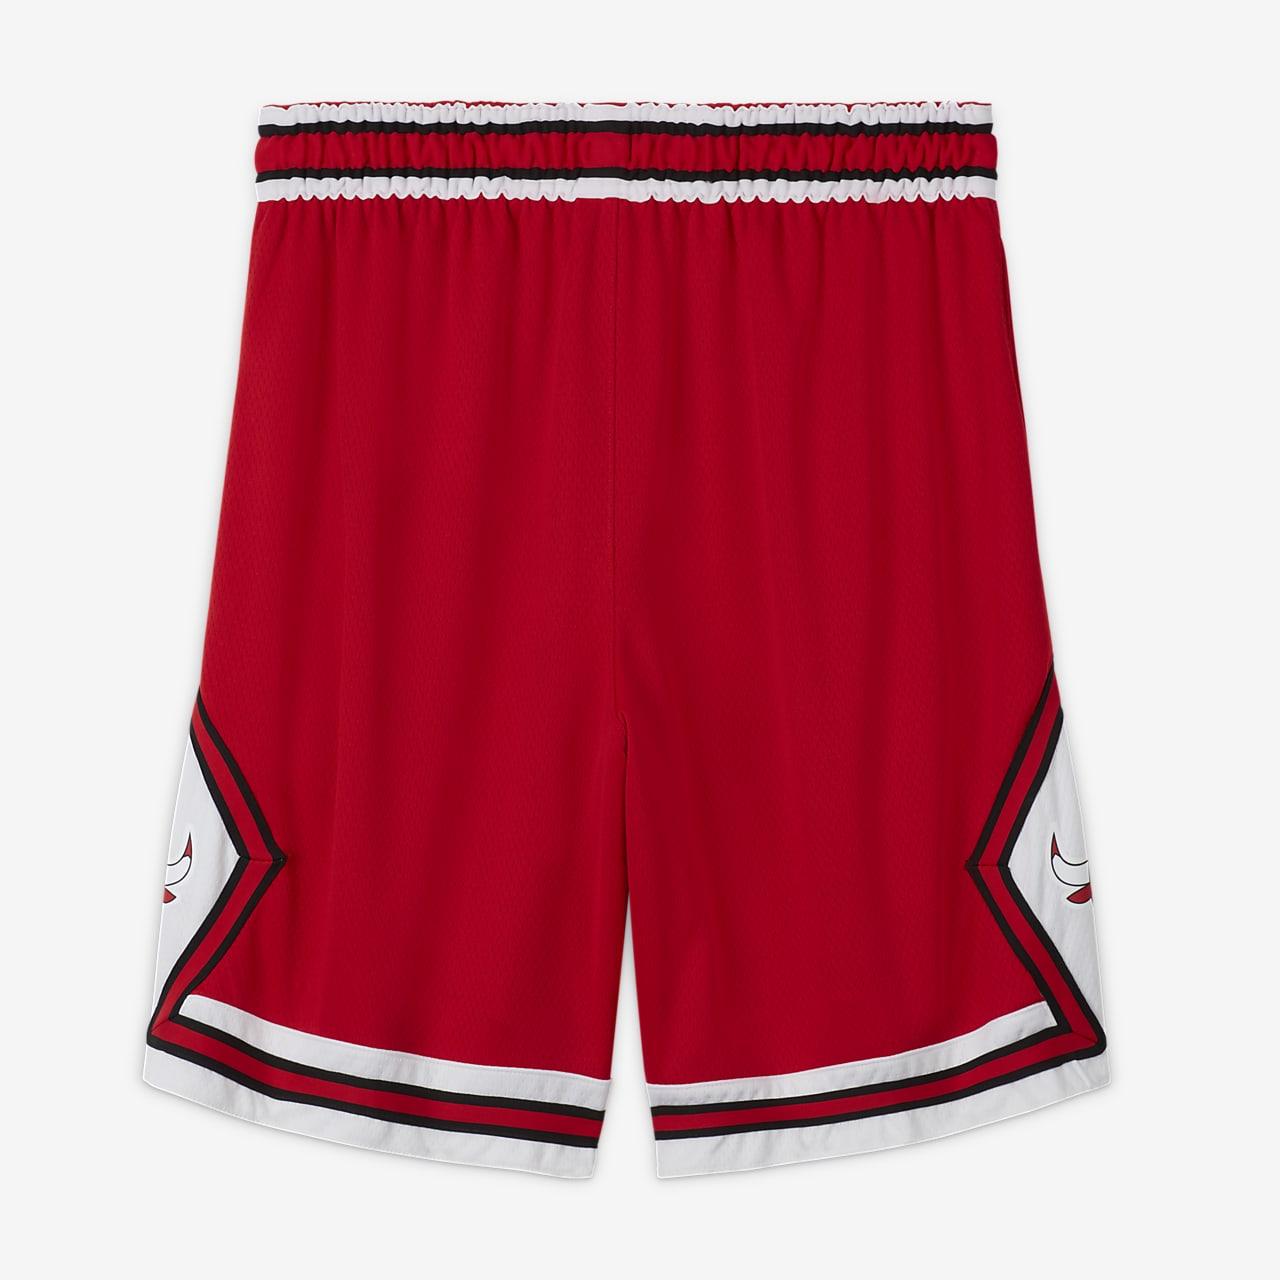 NIKE Basketball Shorts 'Chicago Bulls' Herren, Rot, Größe